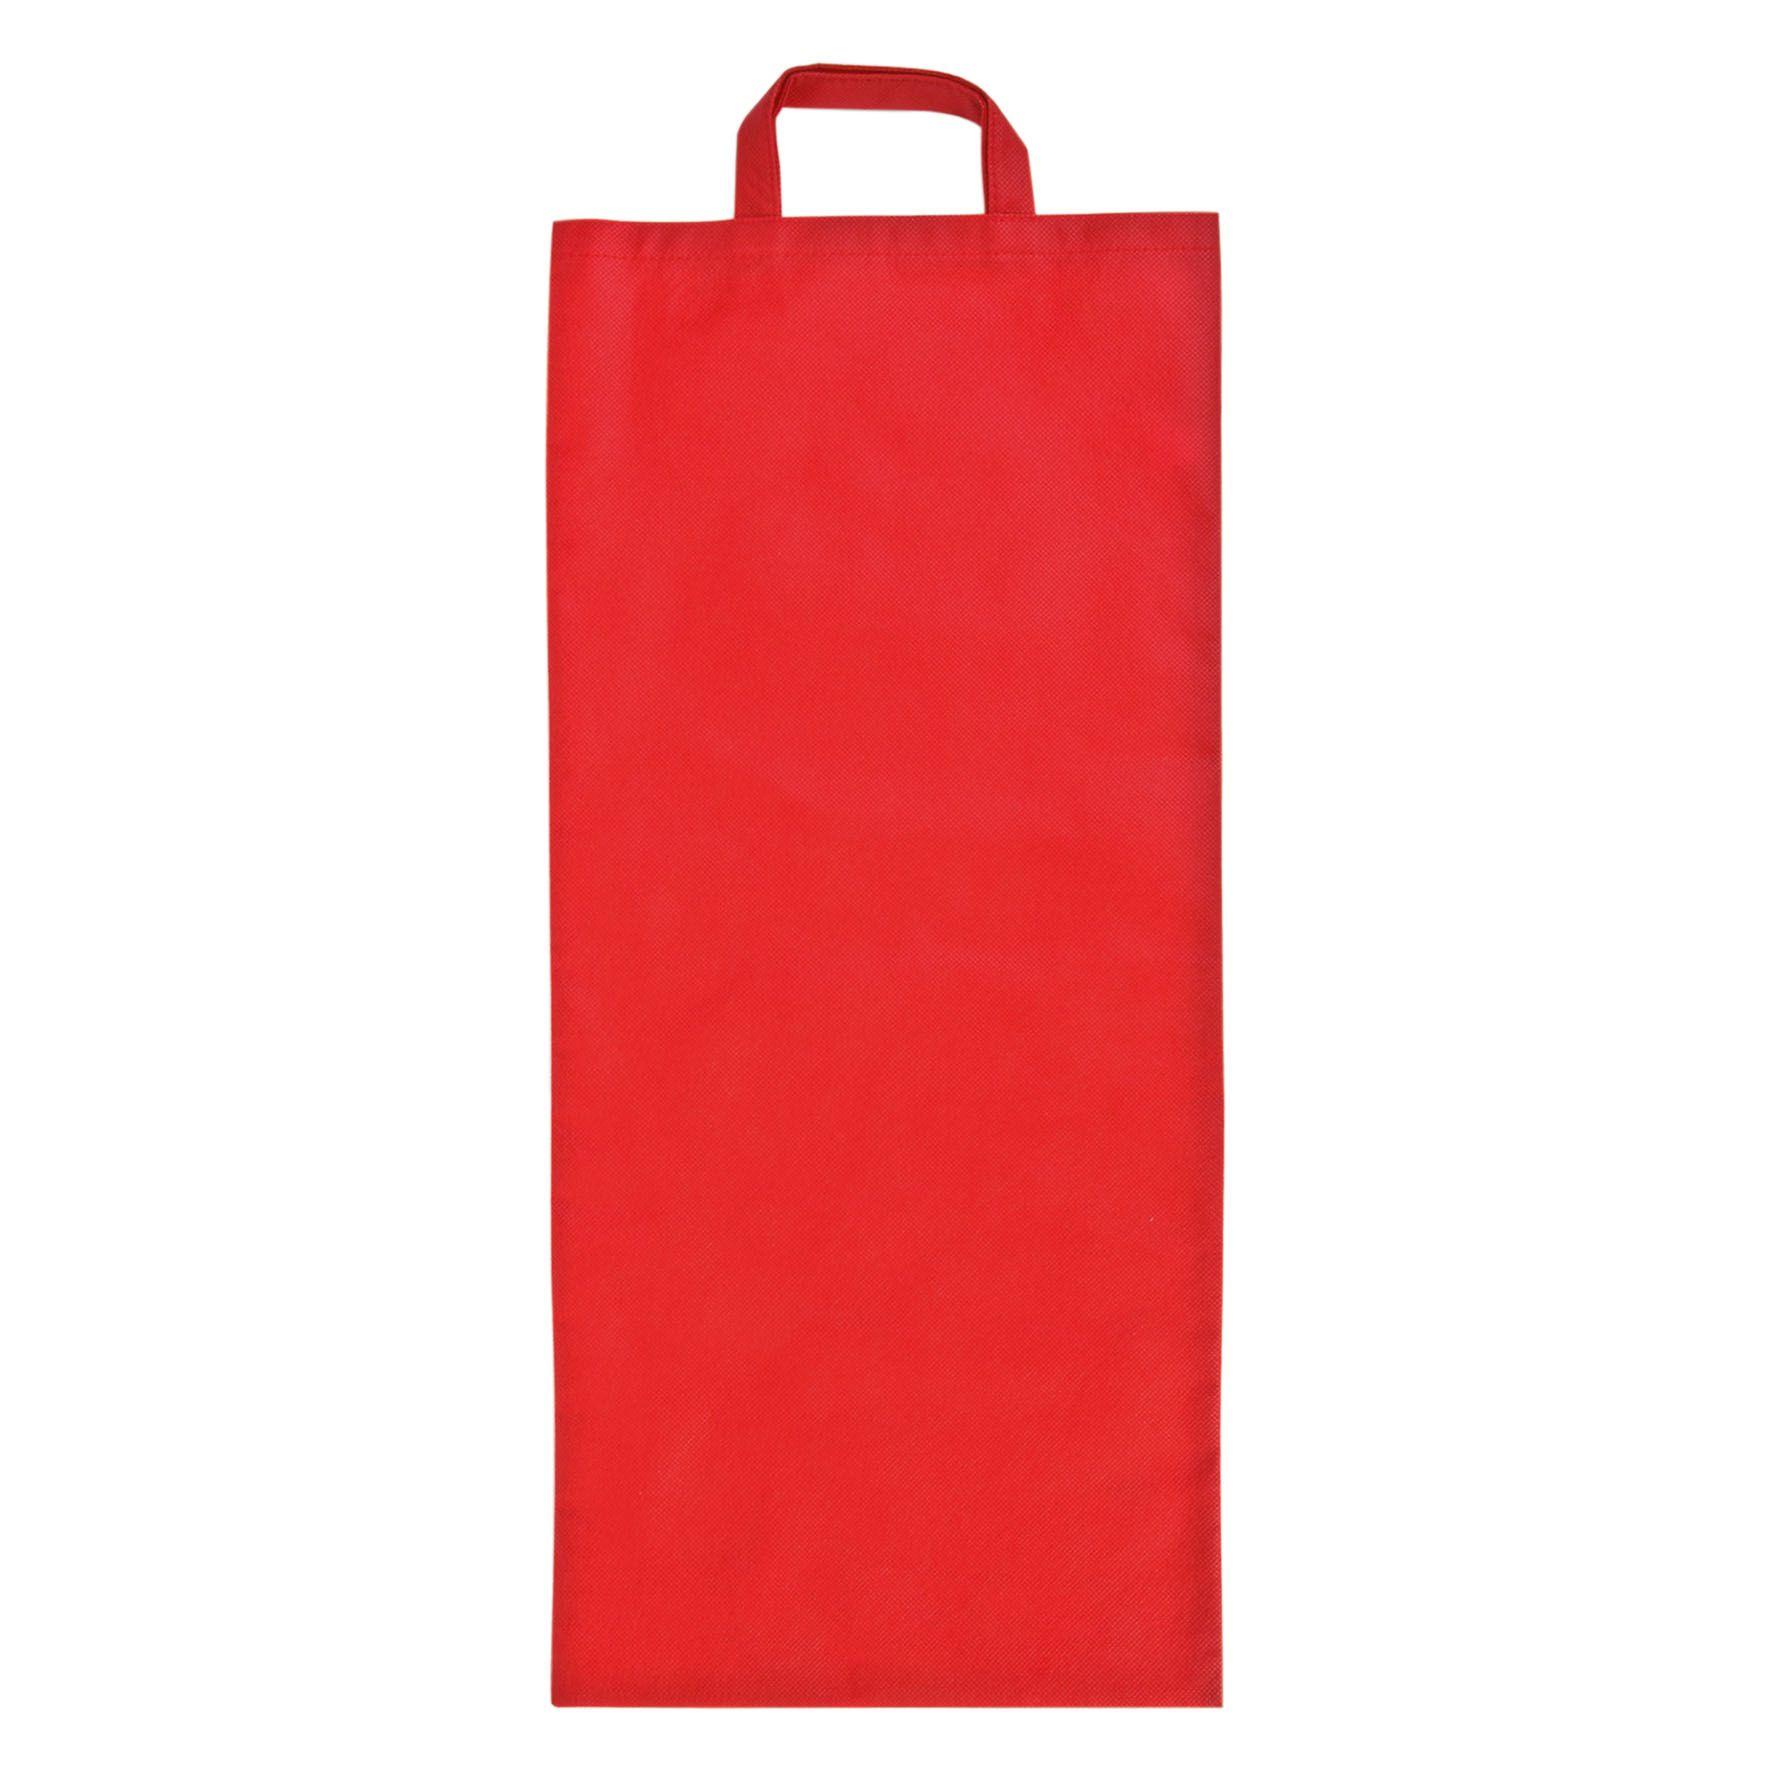 Sac à pain publicitaire non tissé Miette - sac à pain personnalisable rouge